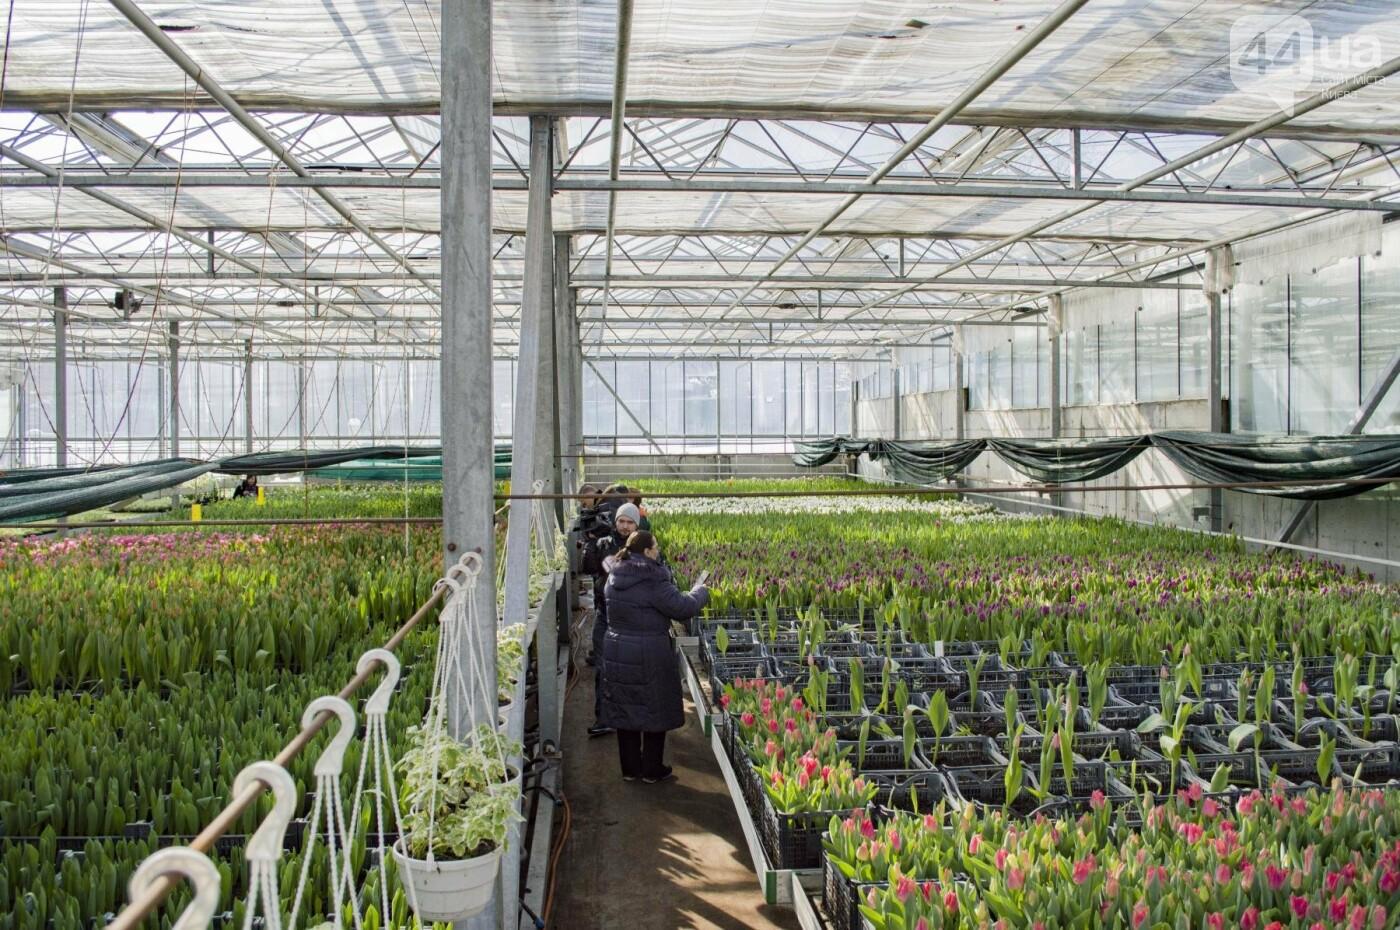 Цветочный рай: в киевской оранжерее зацвели десятки тысяч тюльпанов, фото-1